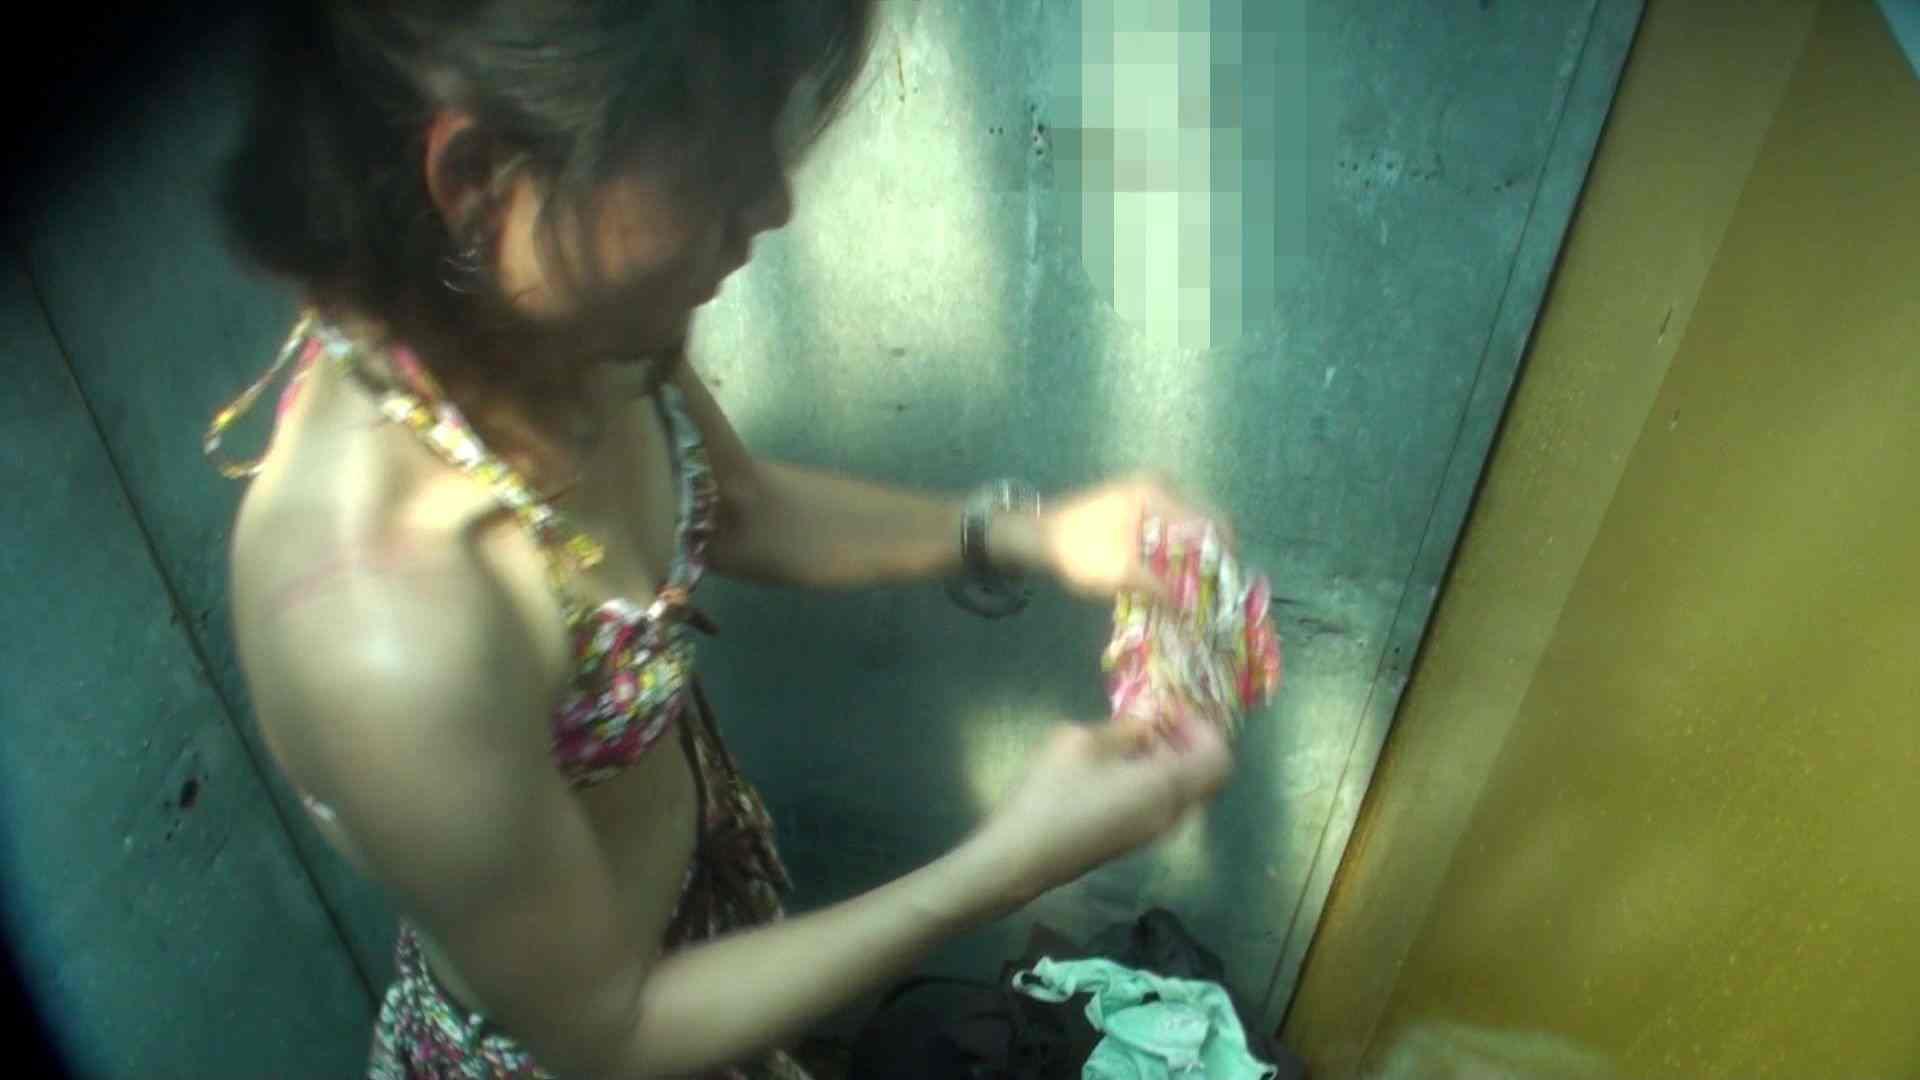 シャワールームは超!!危険な香りVol.16 意外に乳首は年増のそれ 乳首ポロリ  108画像 60